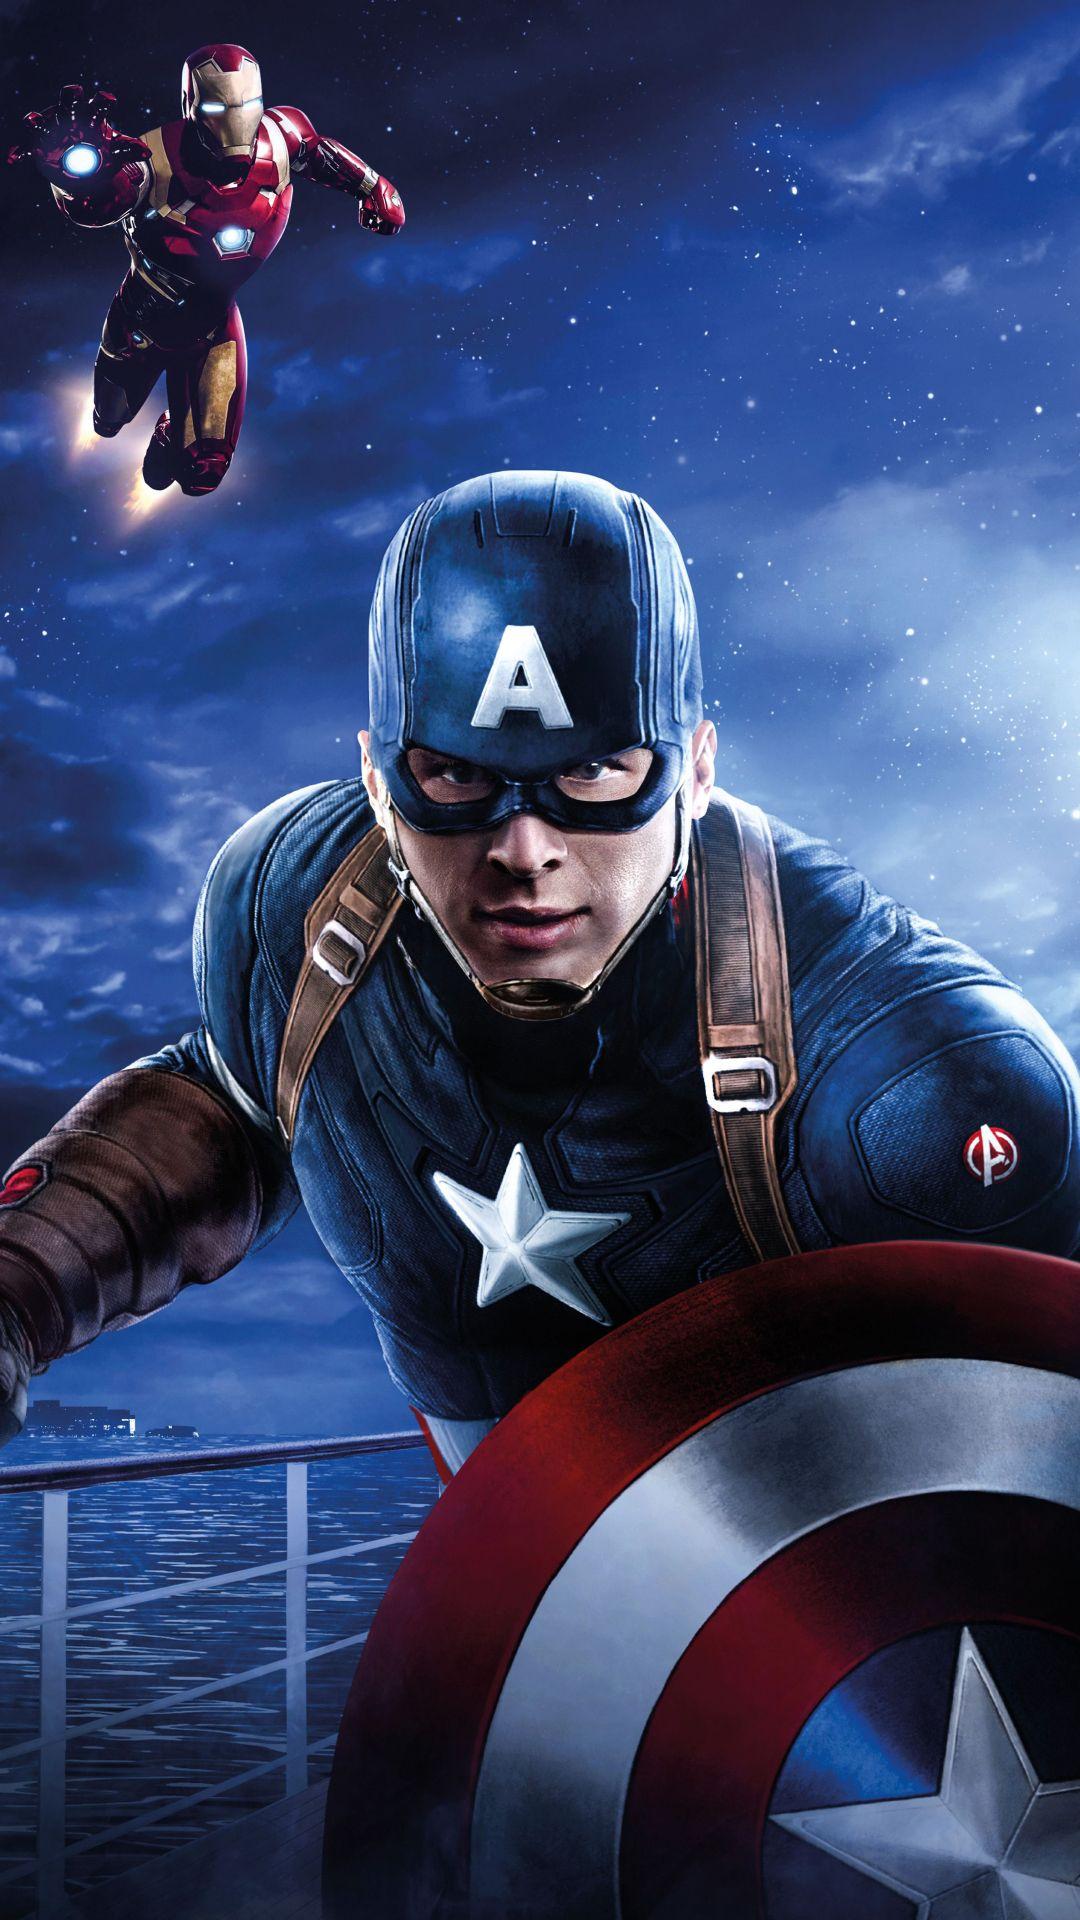 Comics Avengers 1080x1920 Mobile Wallpaper Marvel Superheroes Captain America Wallpaper Marvel